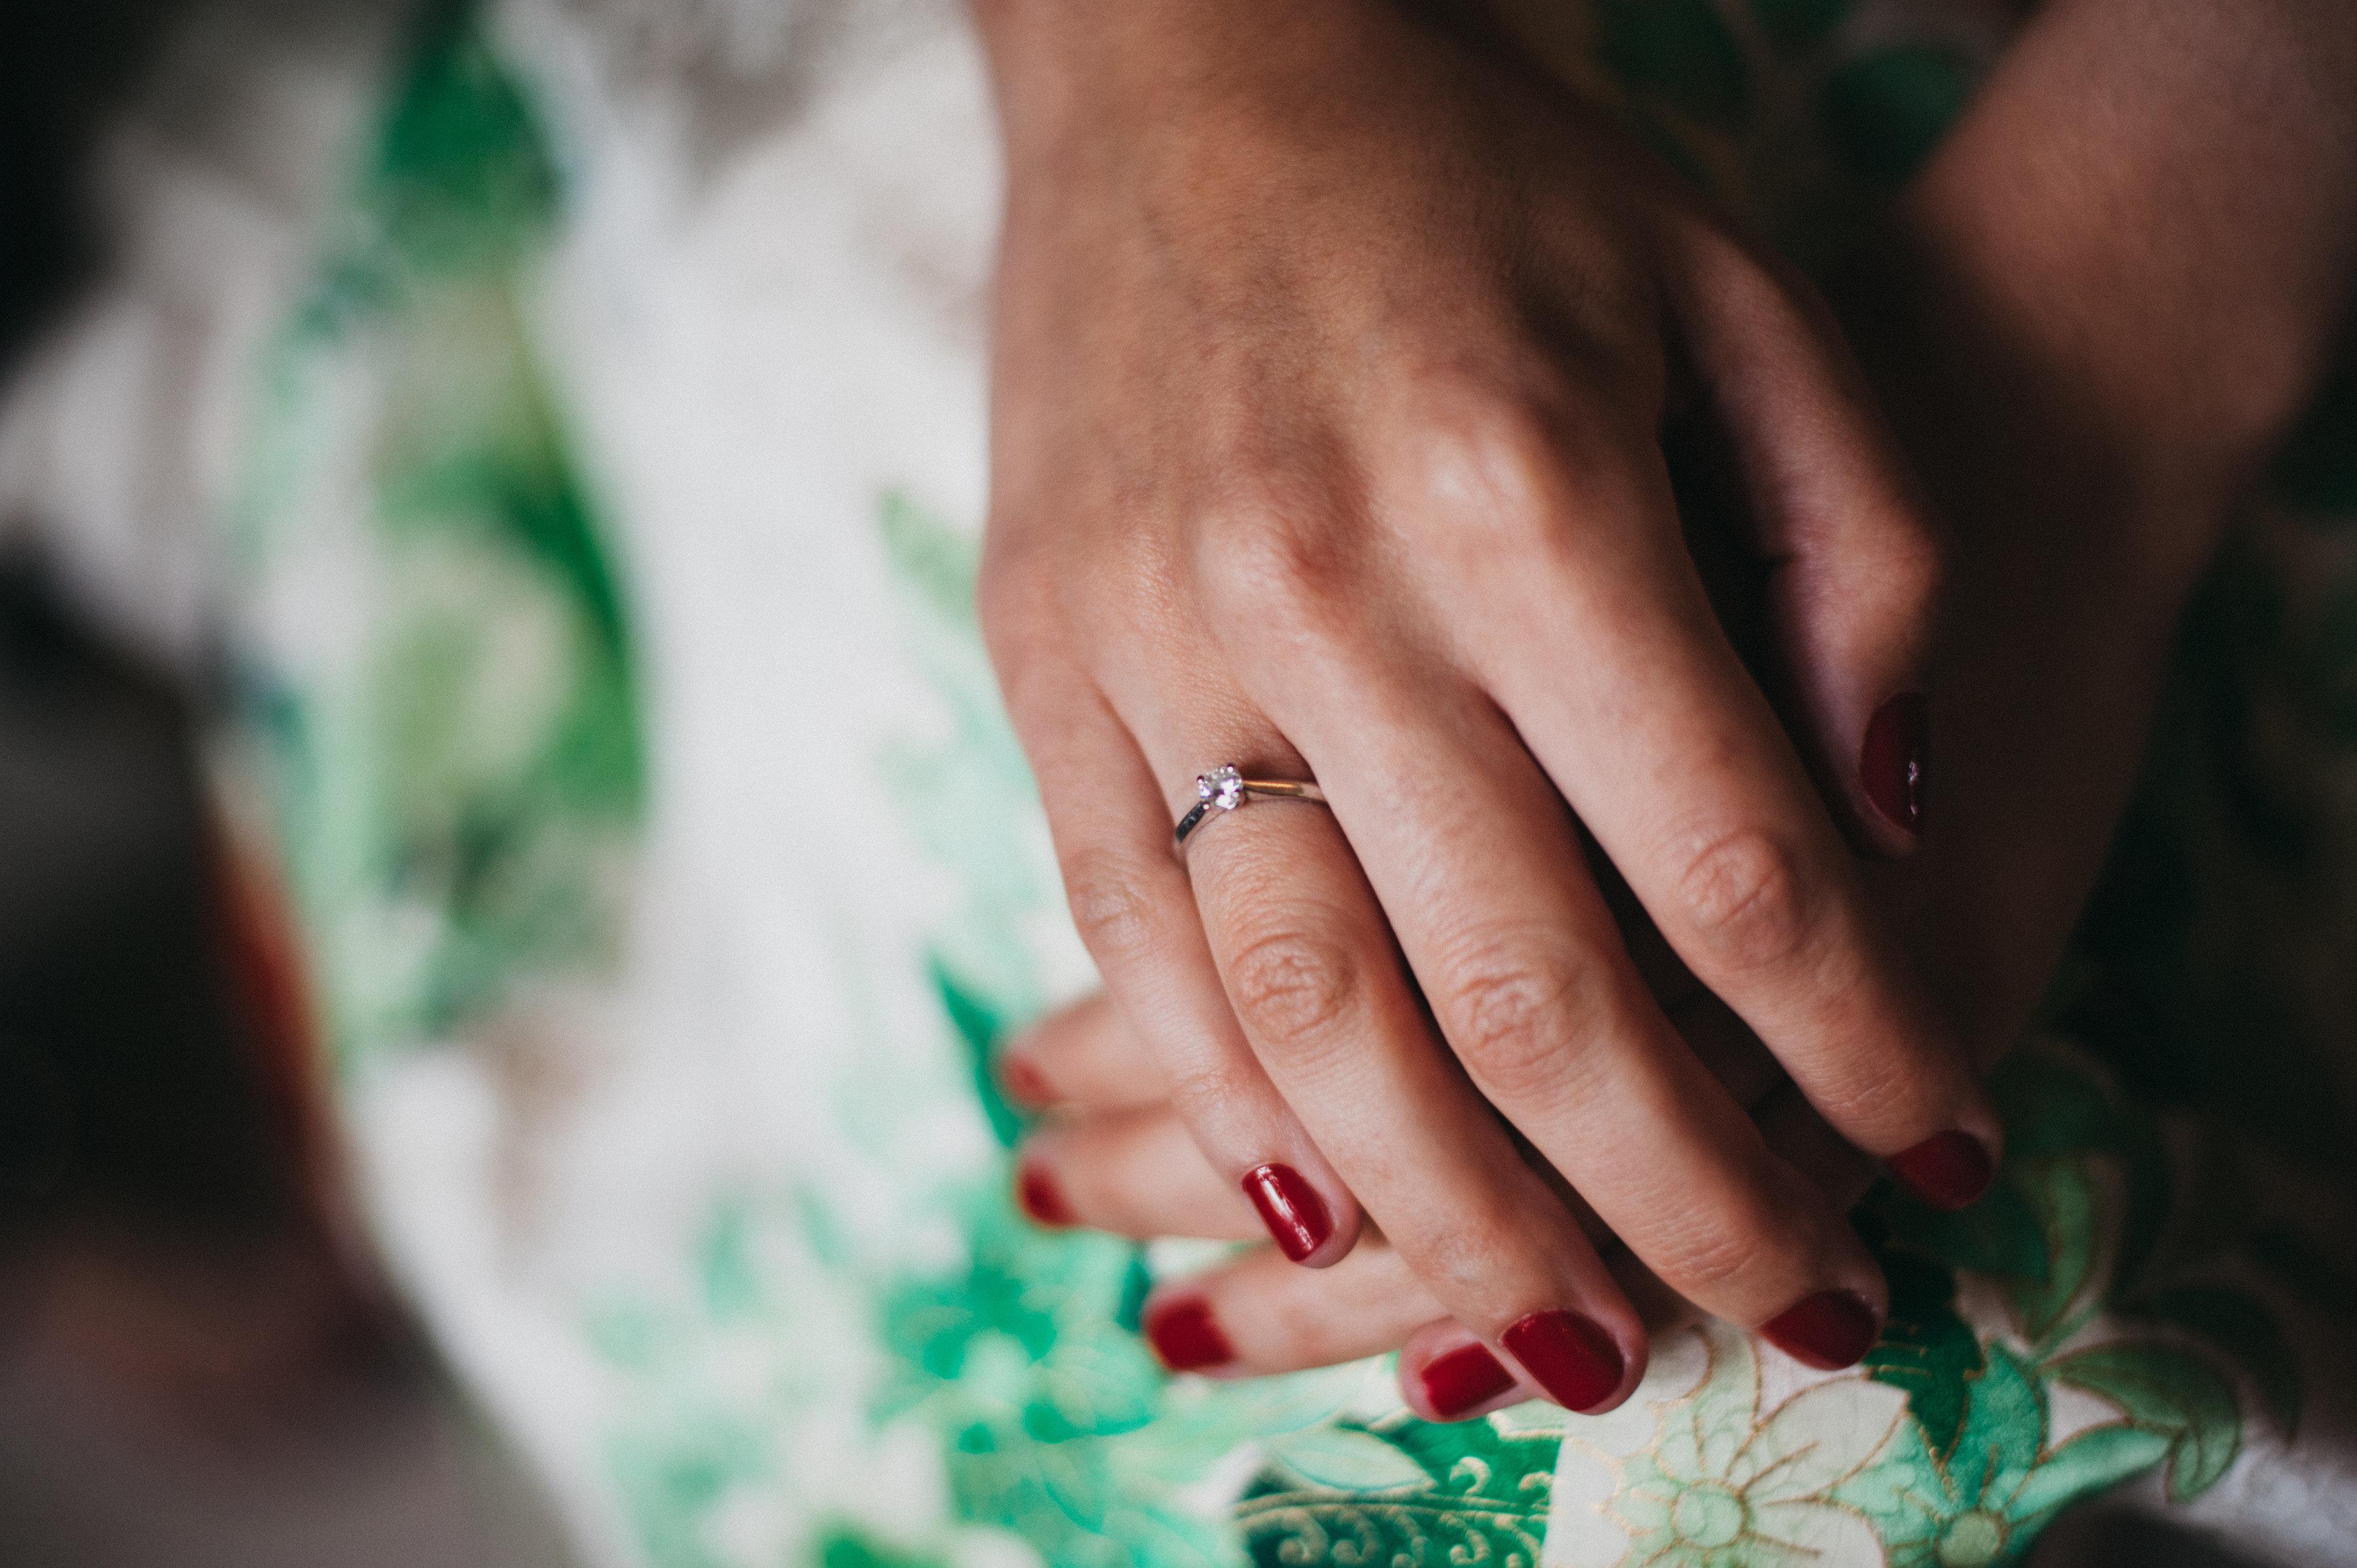 Anillo para proposición de boda romántica